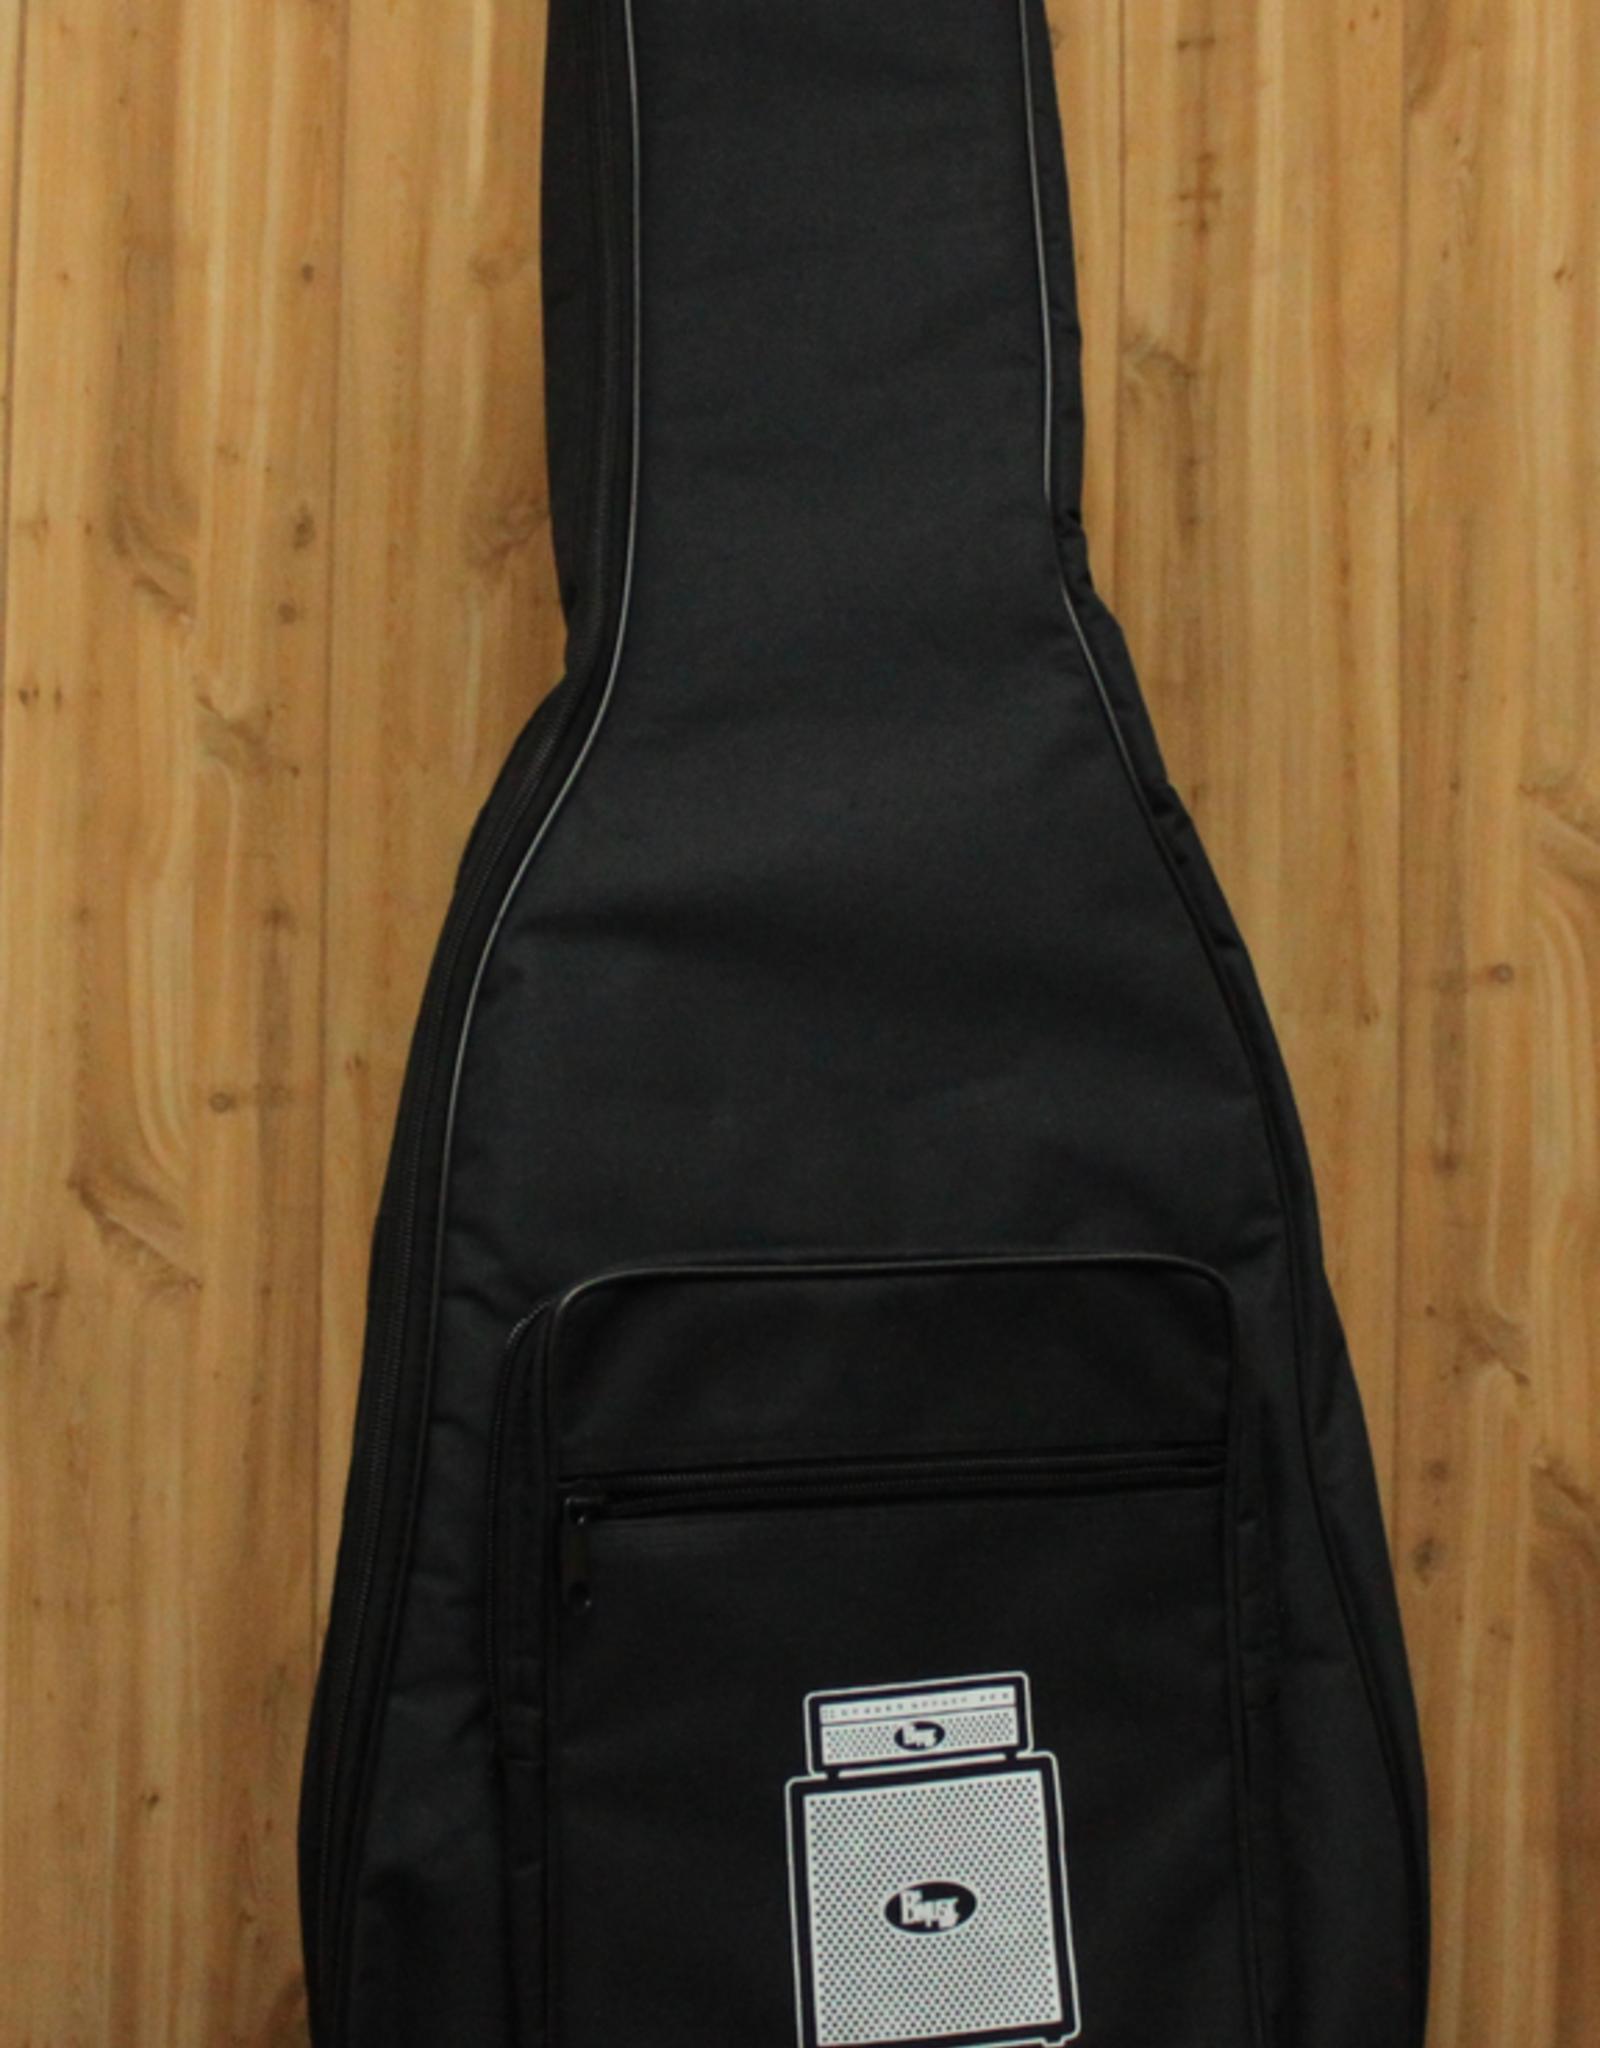 Henry Heller B's Music Shop Gig Bag - Bass Guitar